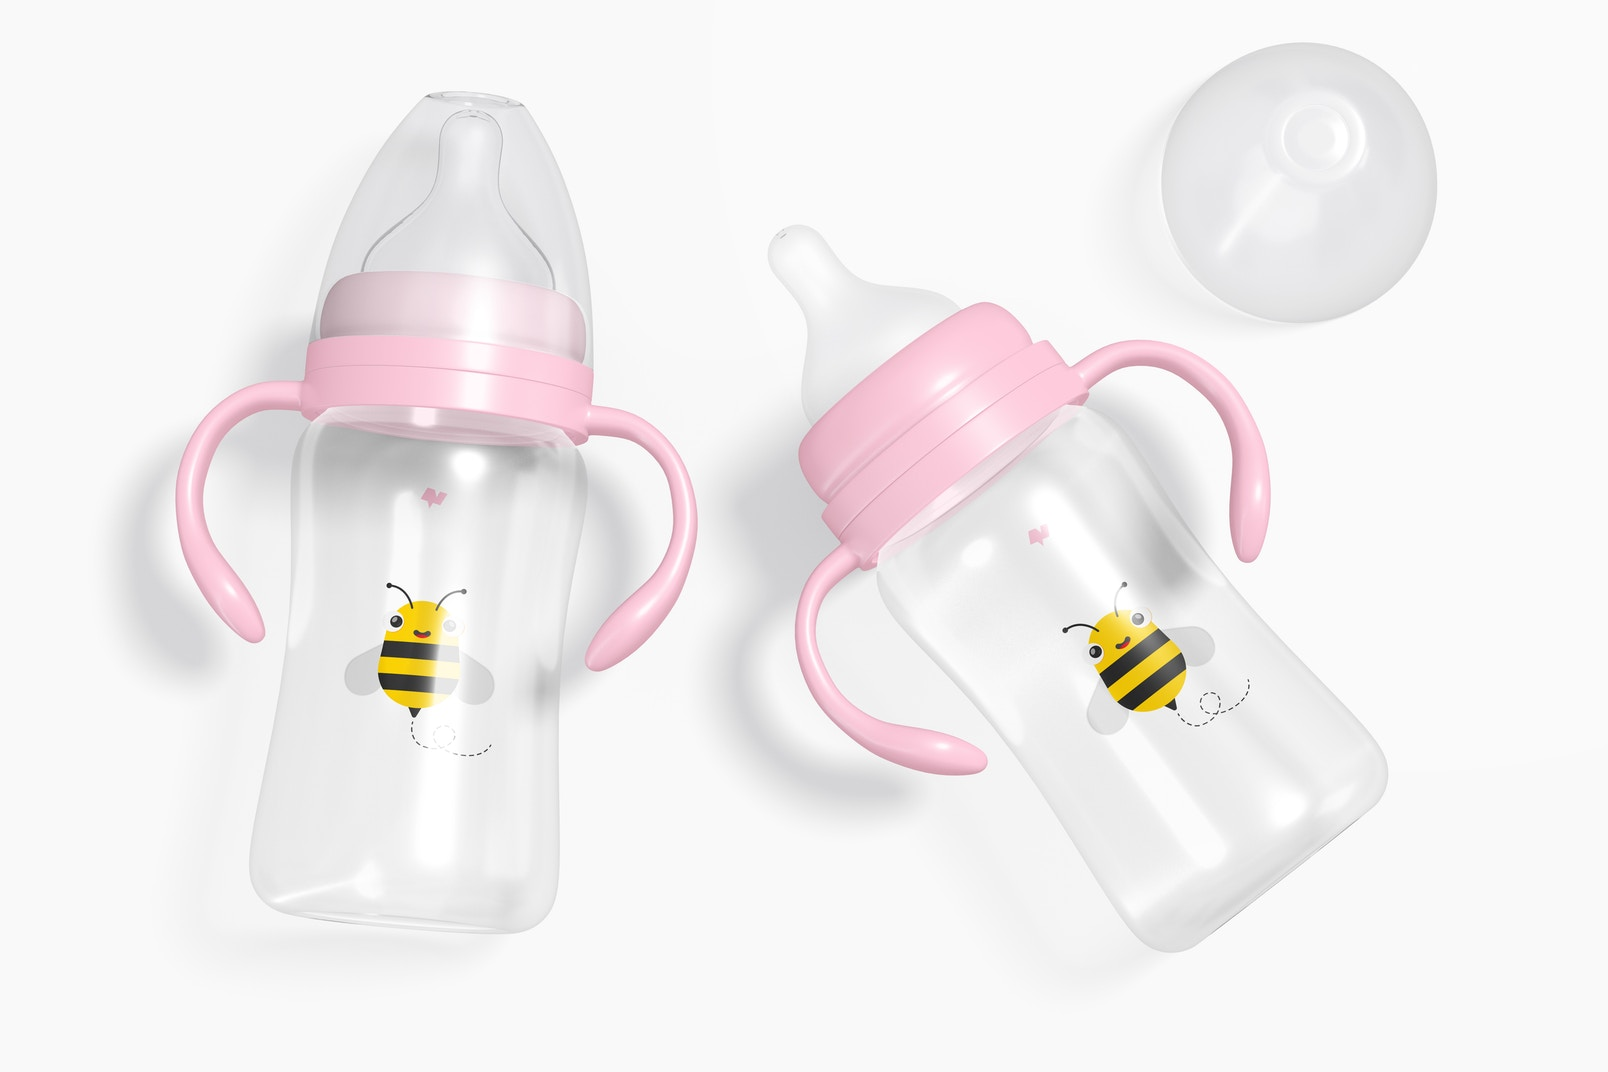 300ml Baby Milk Bottles Blister Mockup, Top View